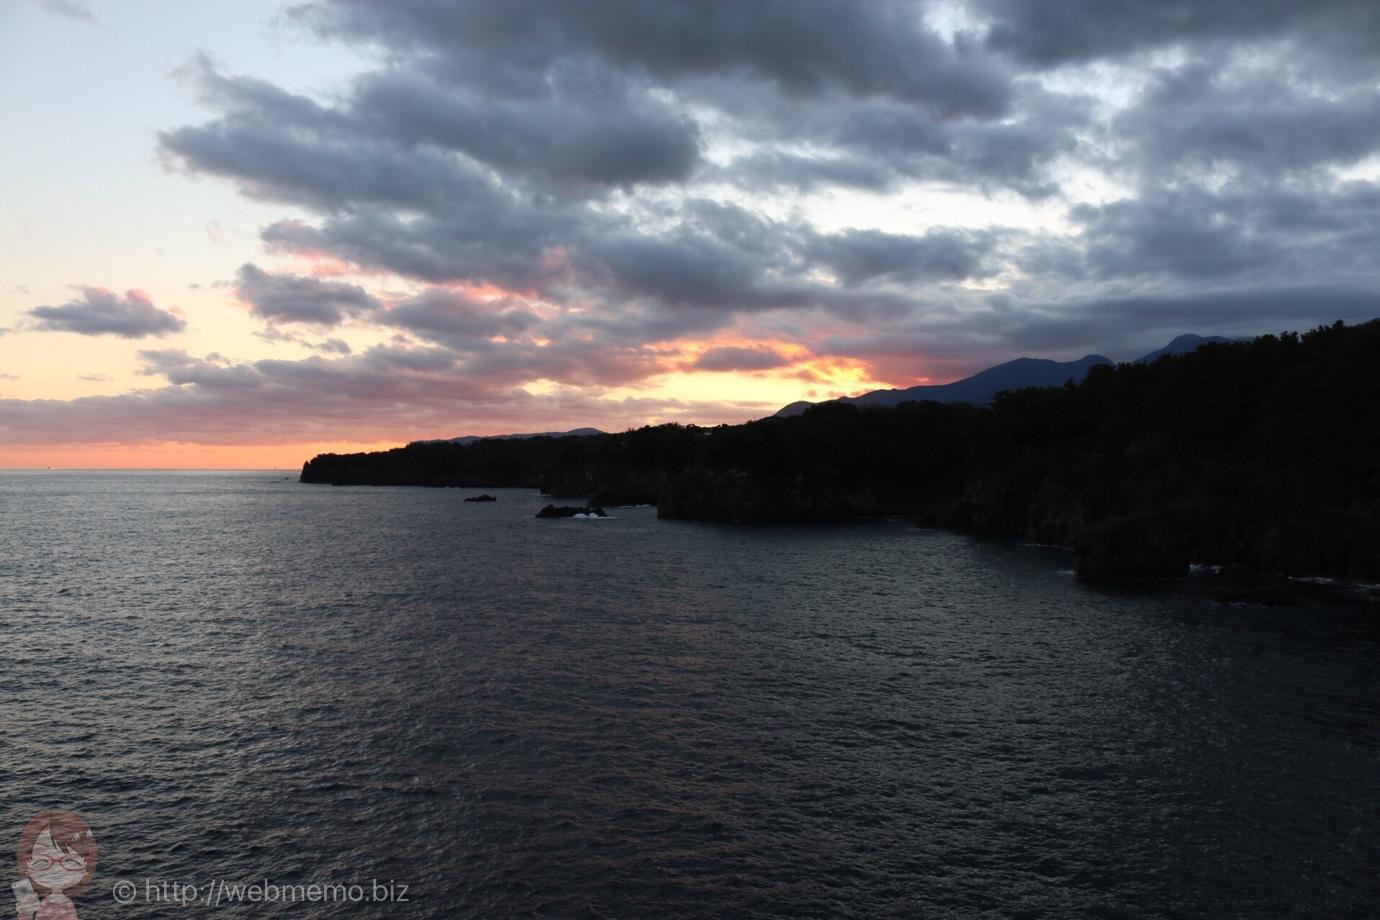 伊豆観光「城ヶ崎」は夕方が絶景!海を渡る吊り橋もあり